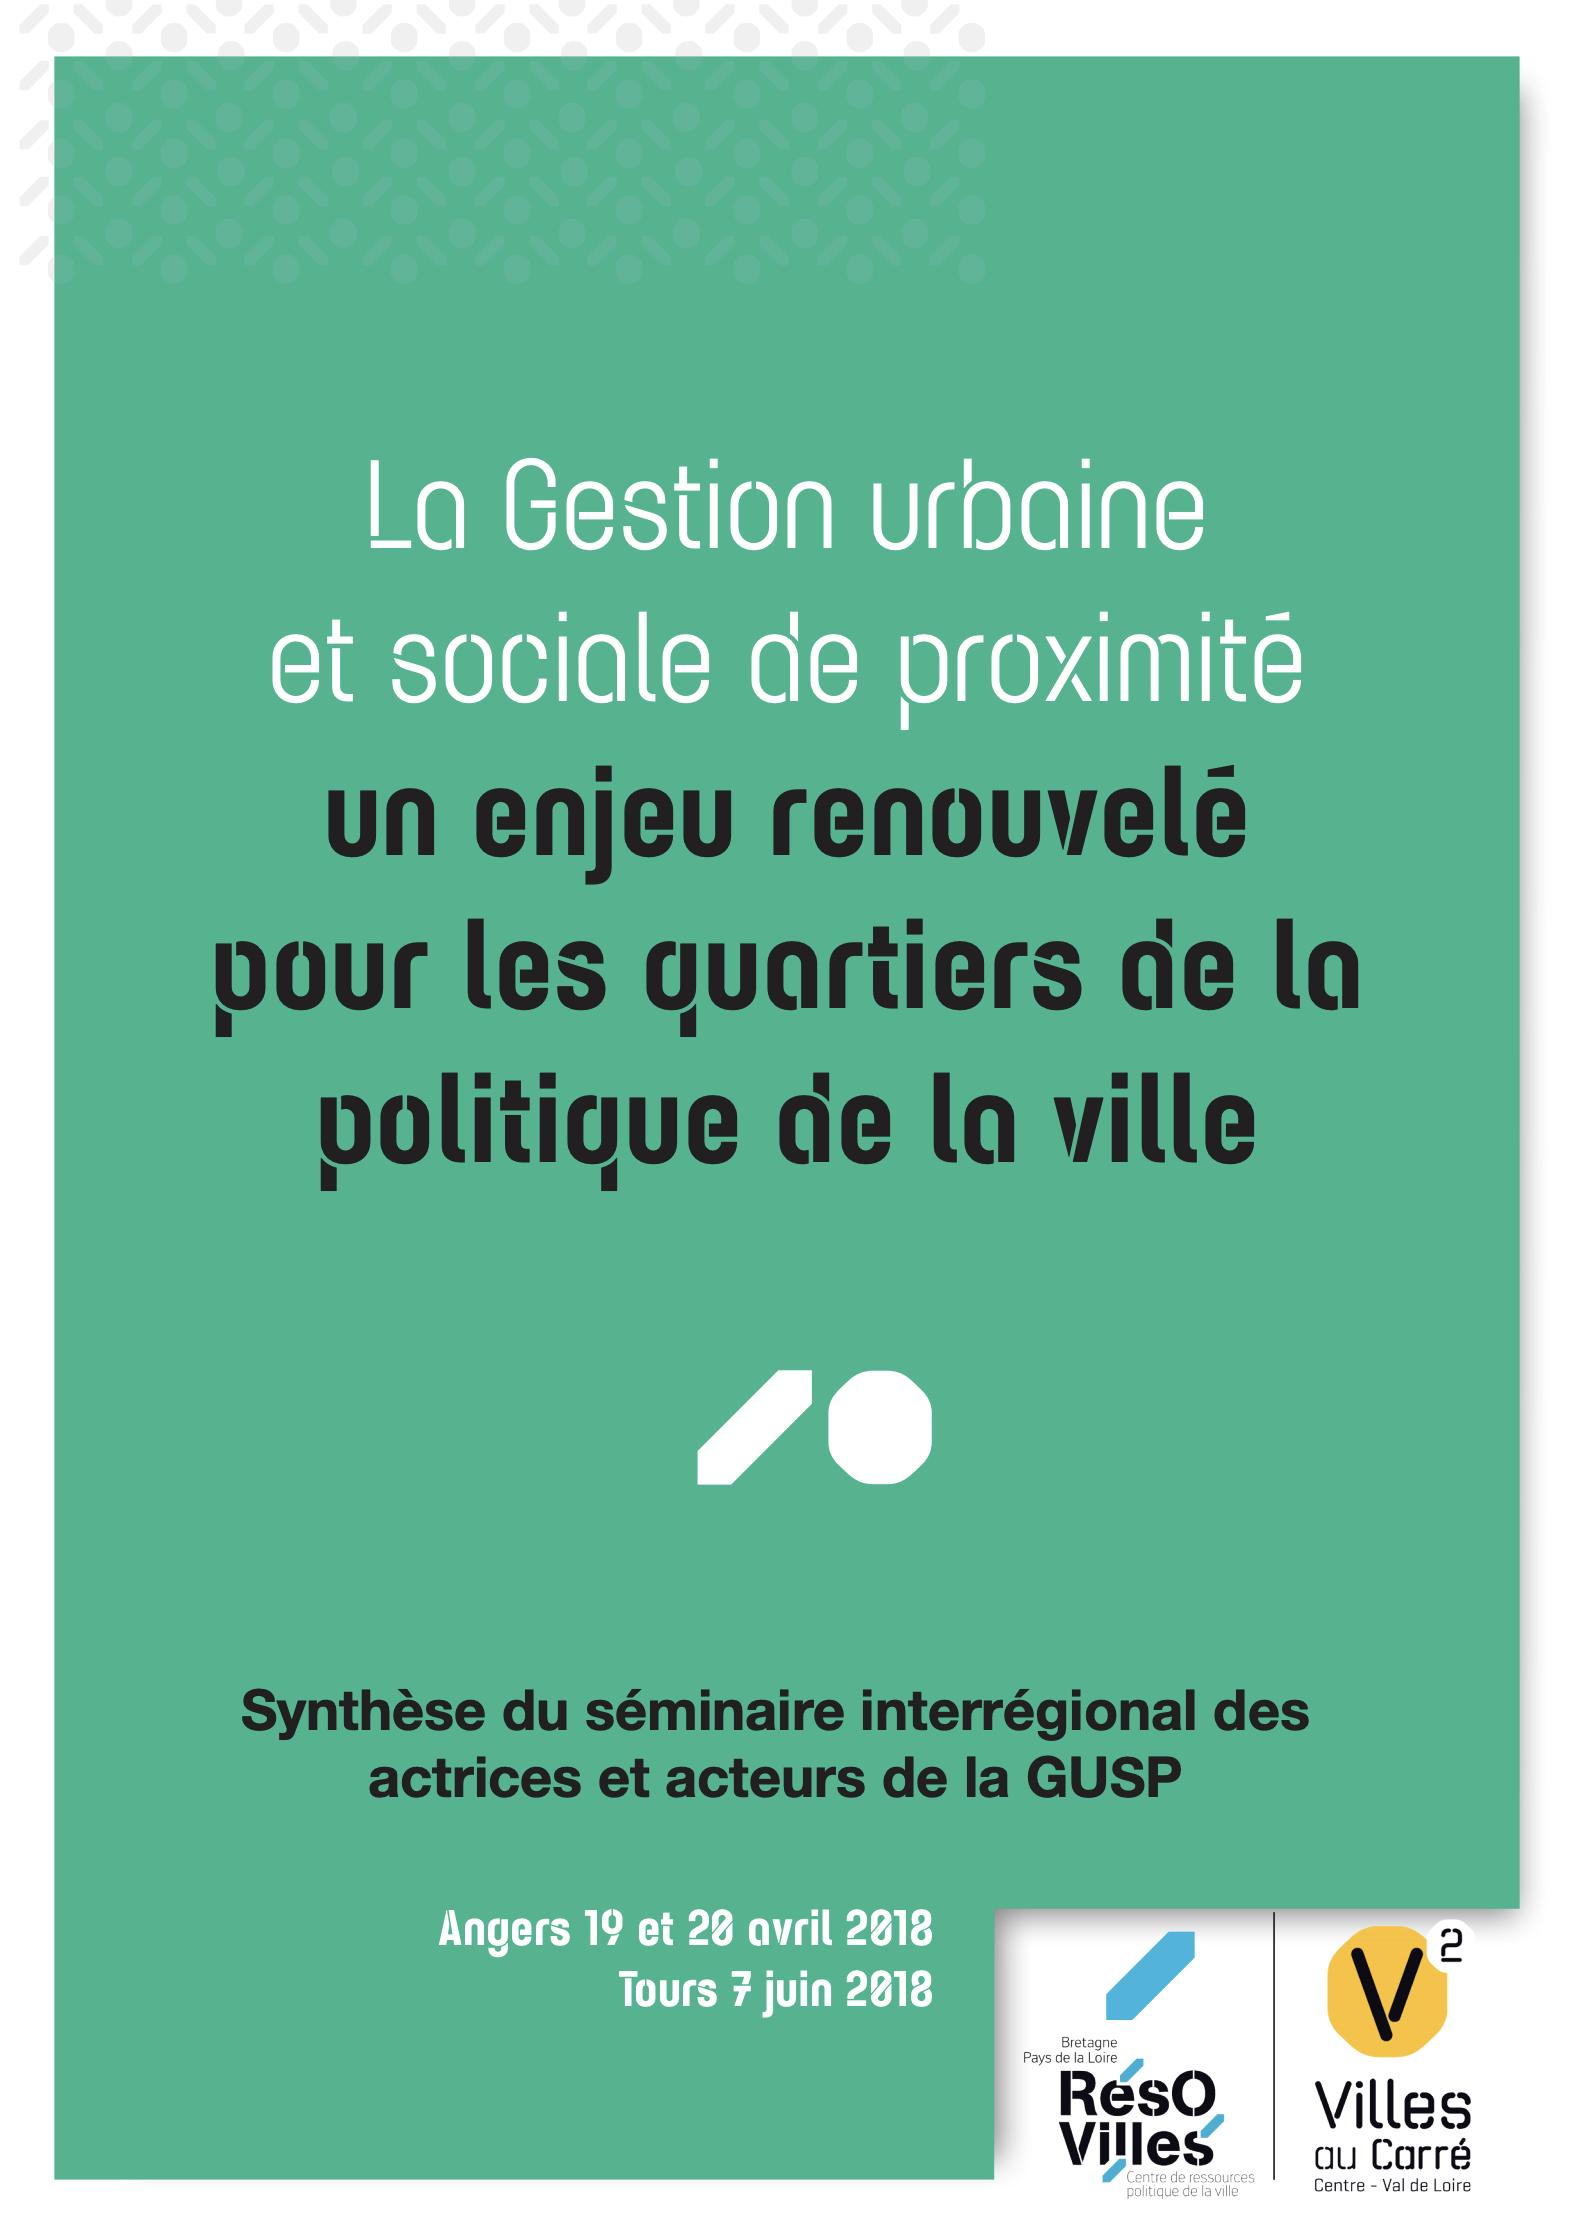 La gestion urbaine et sociale de proximité : un enjeu renouvelé pour les quartiers de la politique de la ville